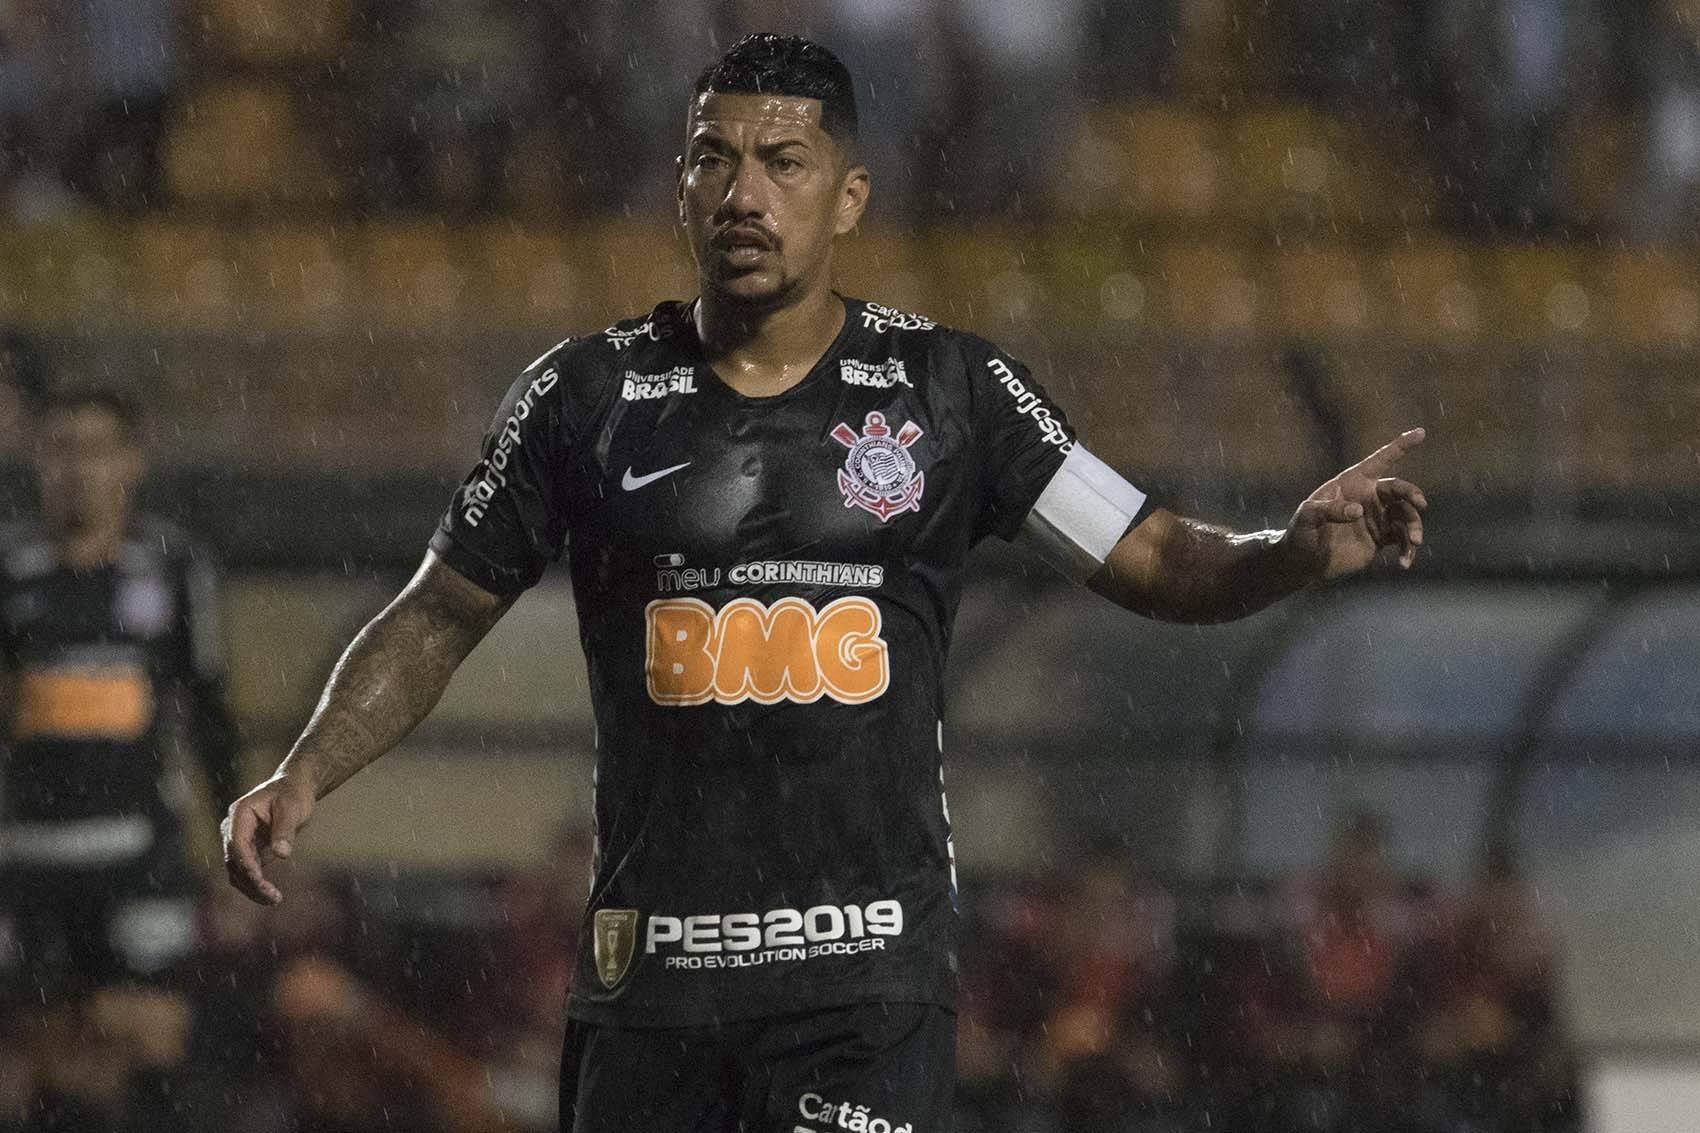 Ralf foi campeão brasileiro, da Libertadores e Mundial | Foto: Daniel Augusto Jr. / Ag. Corinthians